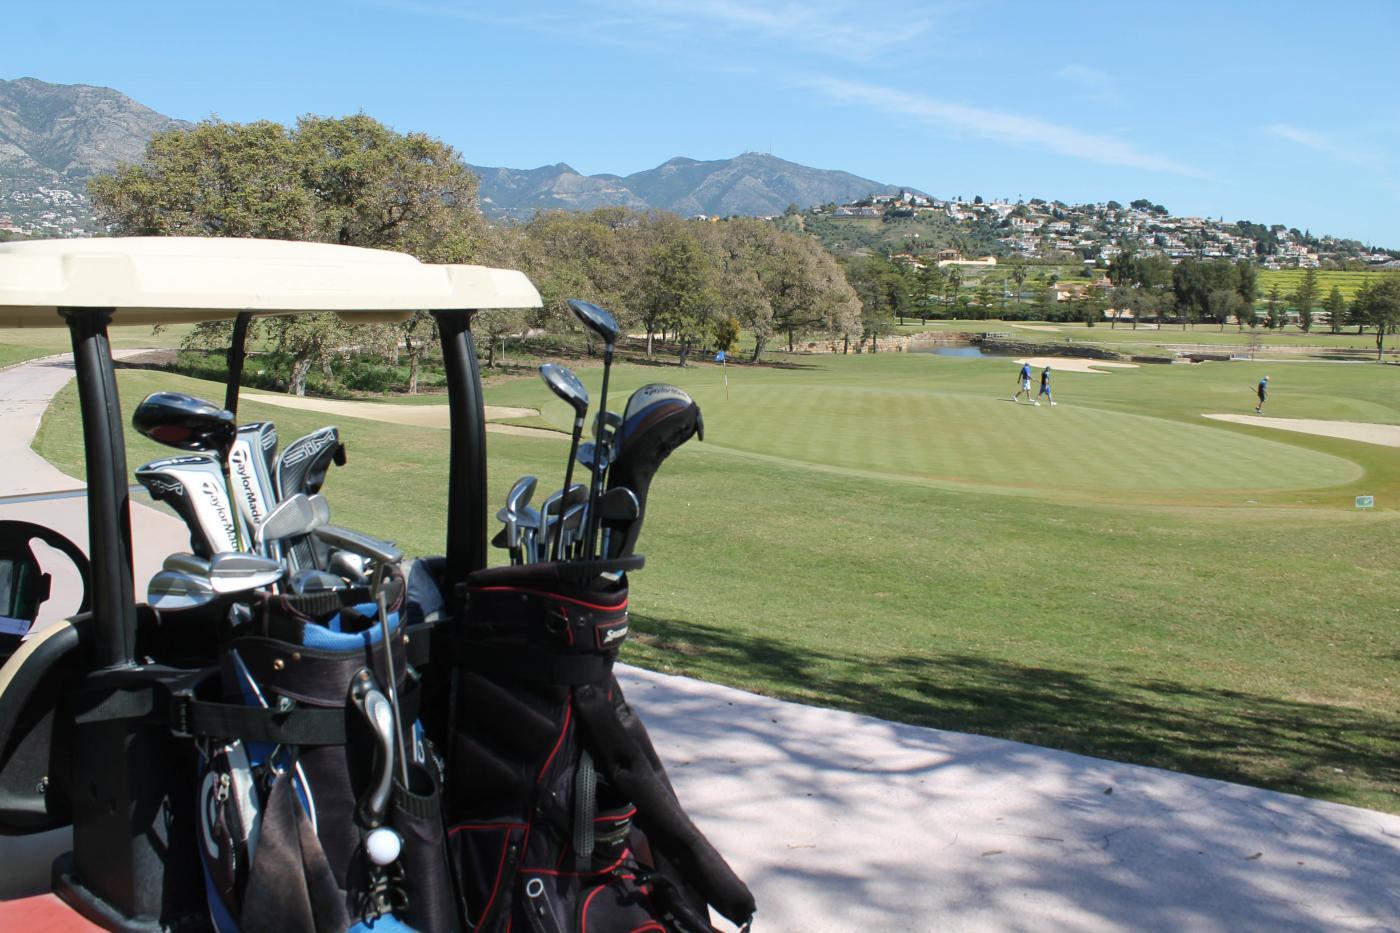 El sector del golf en Andalucía genera más de 1.400 millones de euros, crea 16.000 puestos de trabajo y cuenta con más de 43.000 deportistas federados.